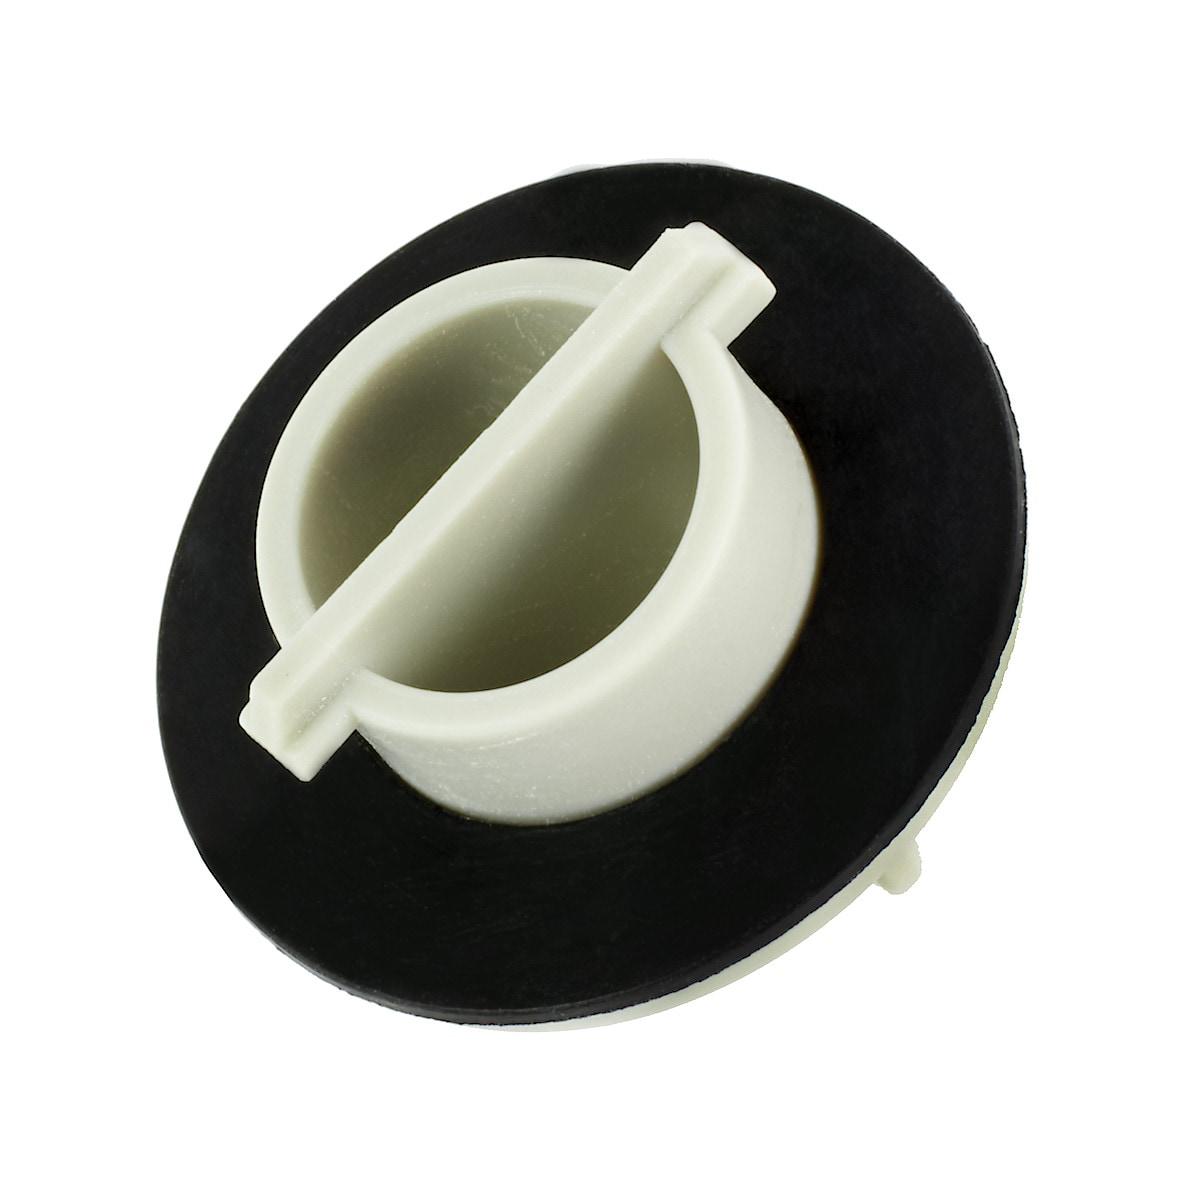 Kärcher festeskrue til filter